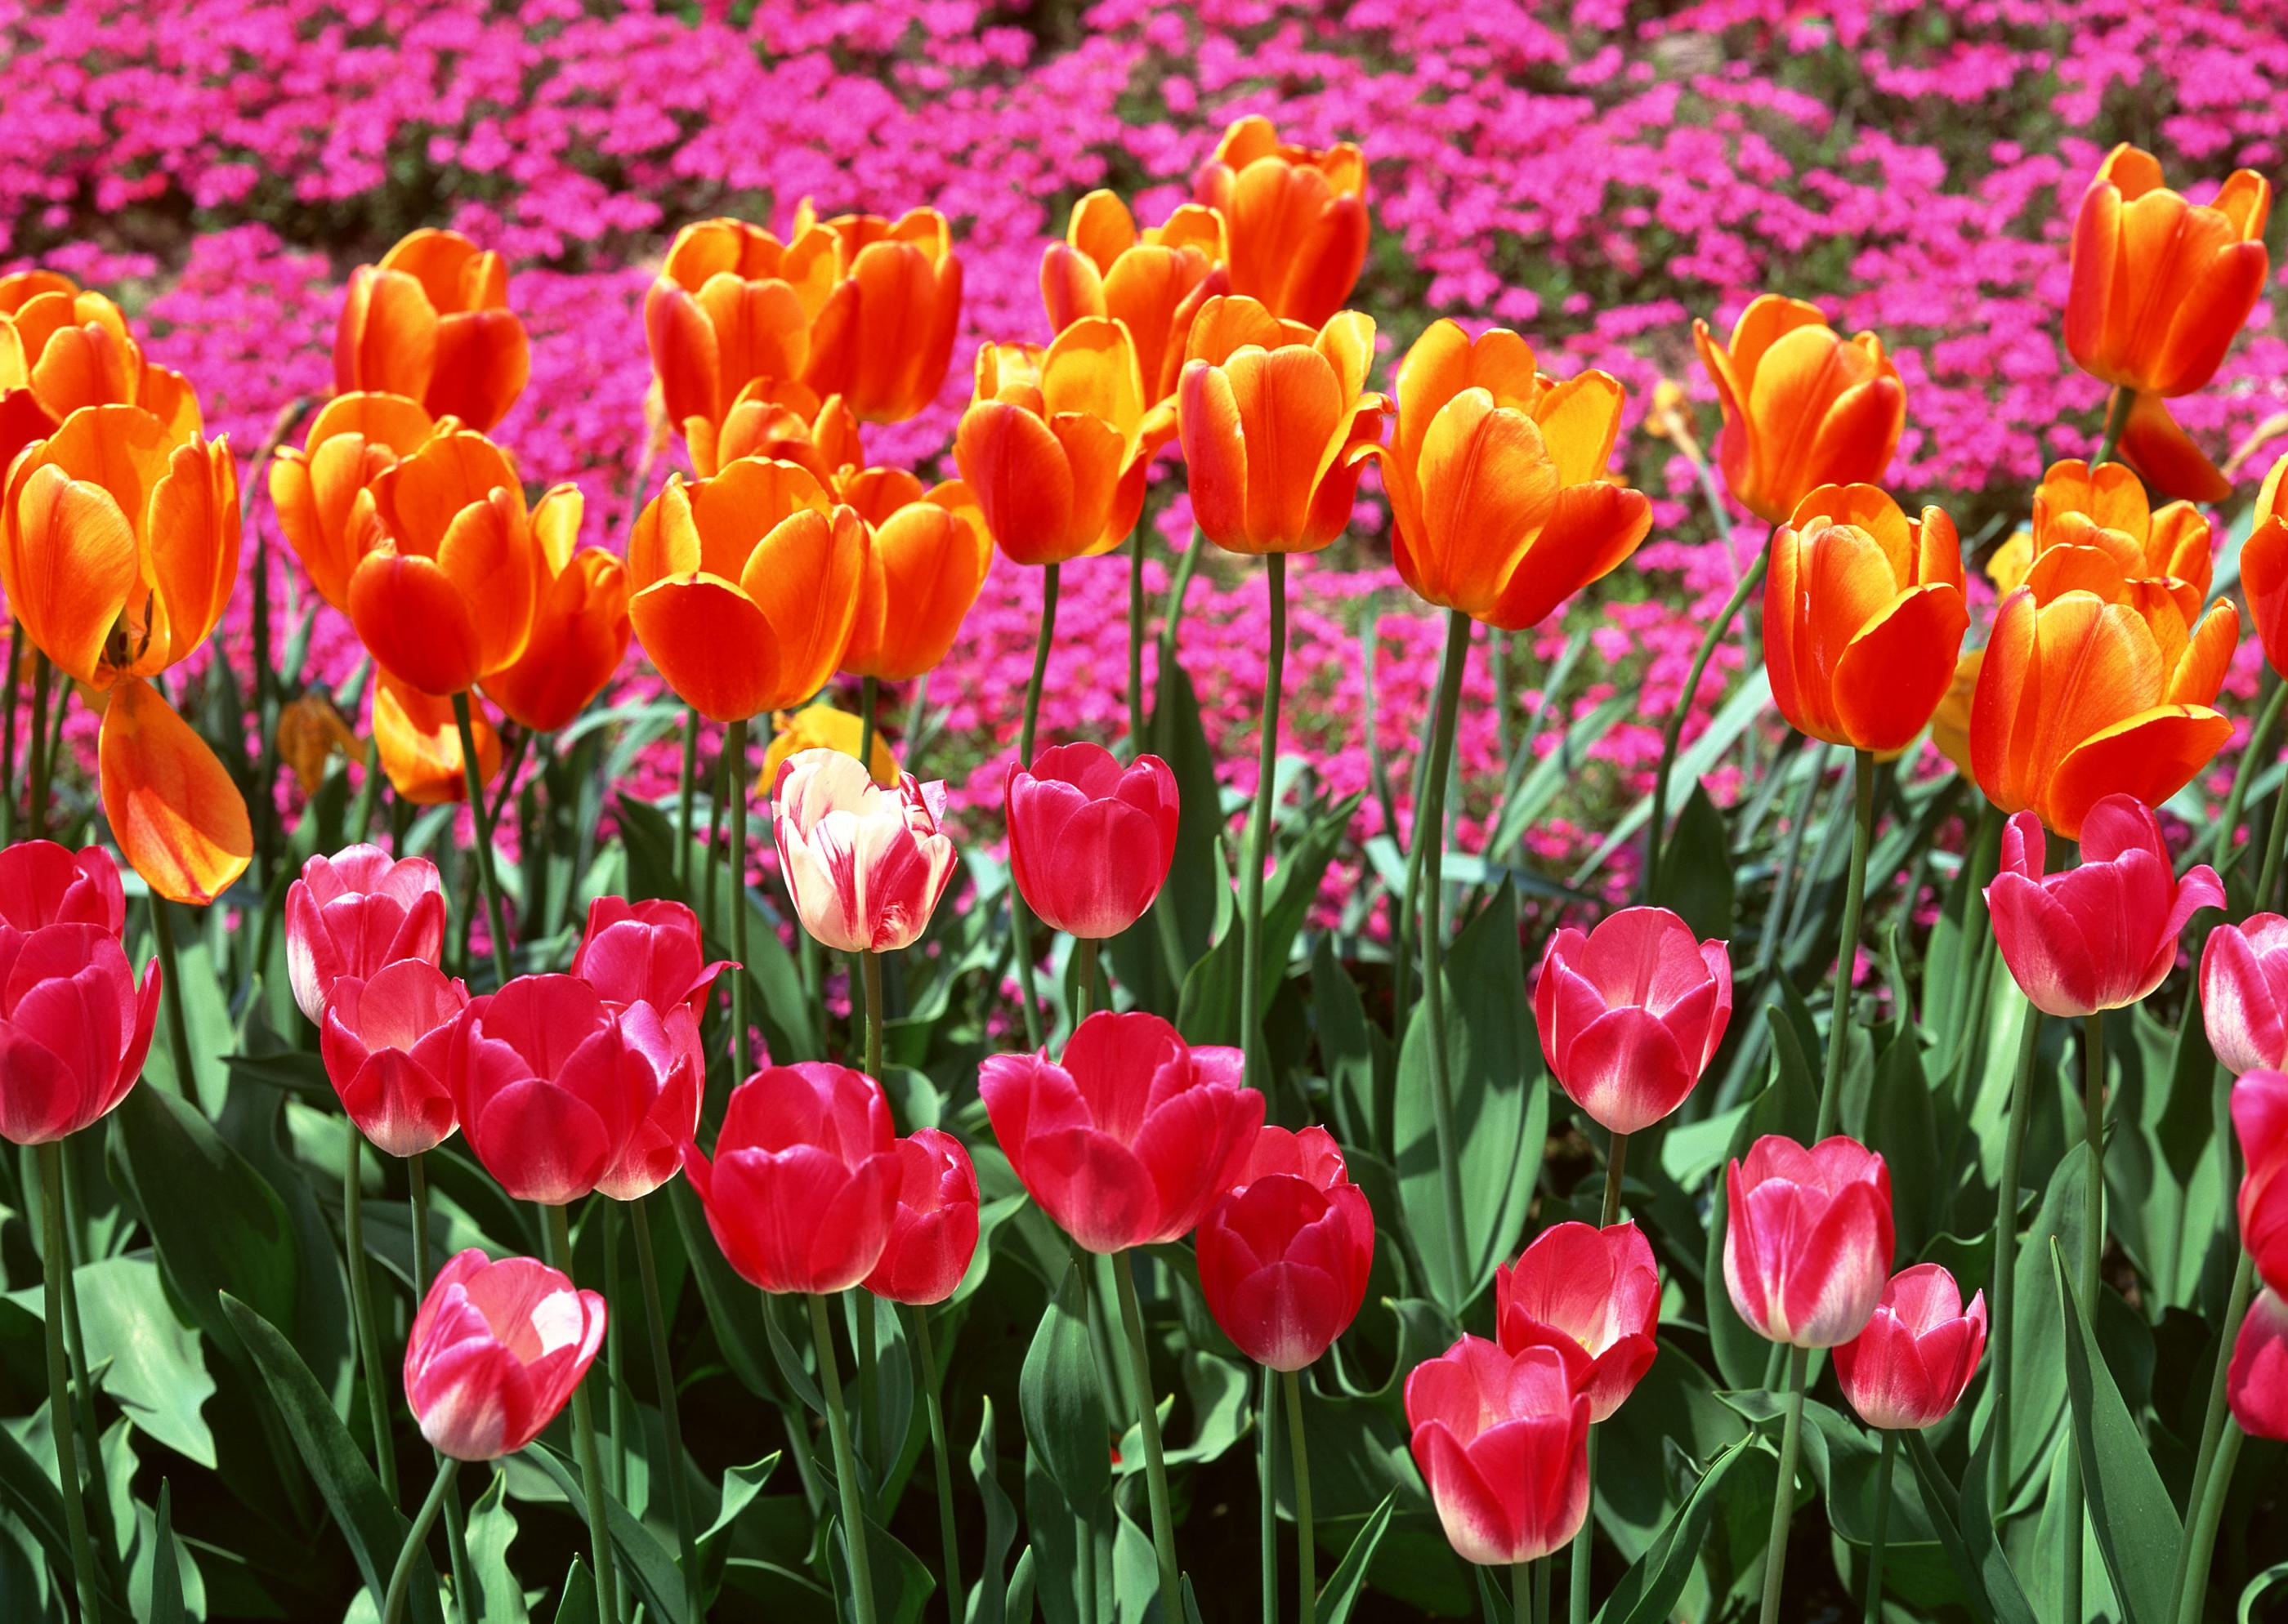 tulip-photo-70